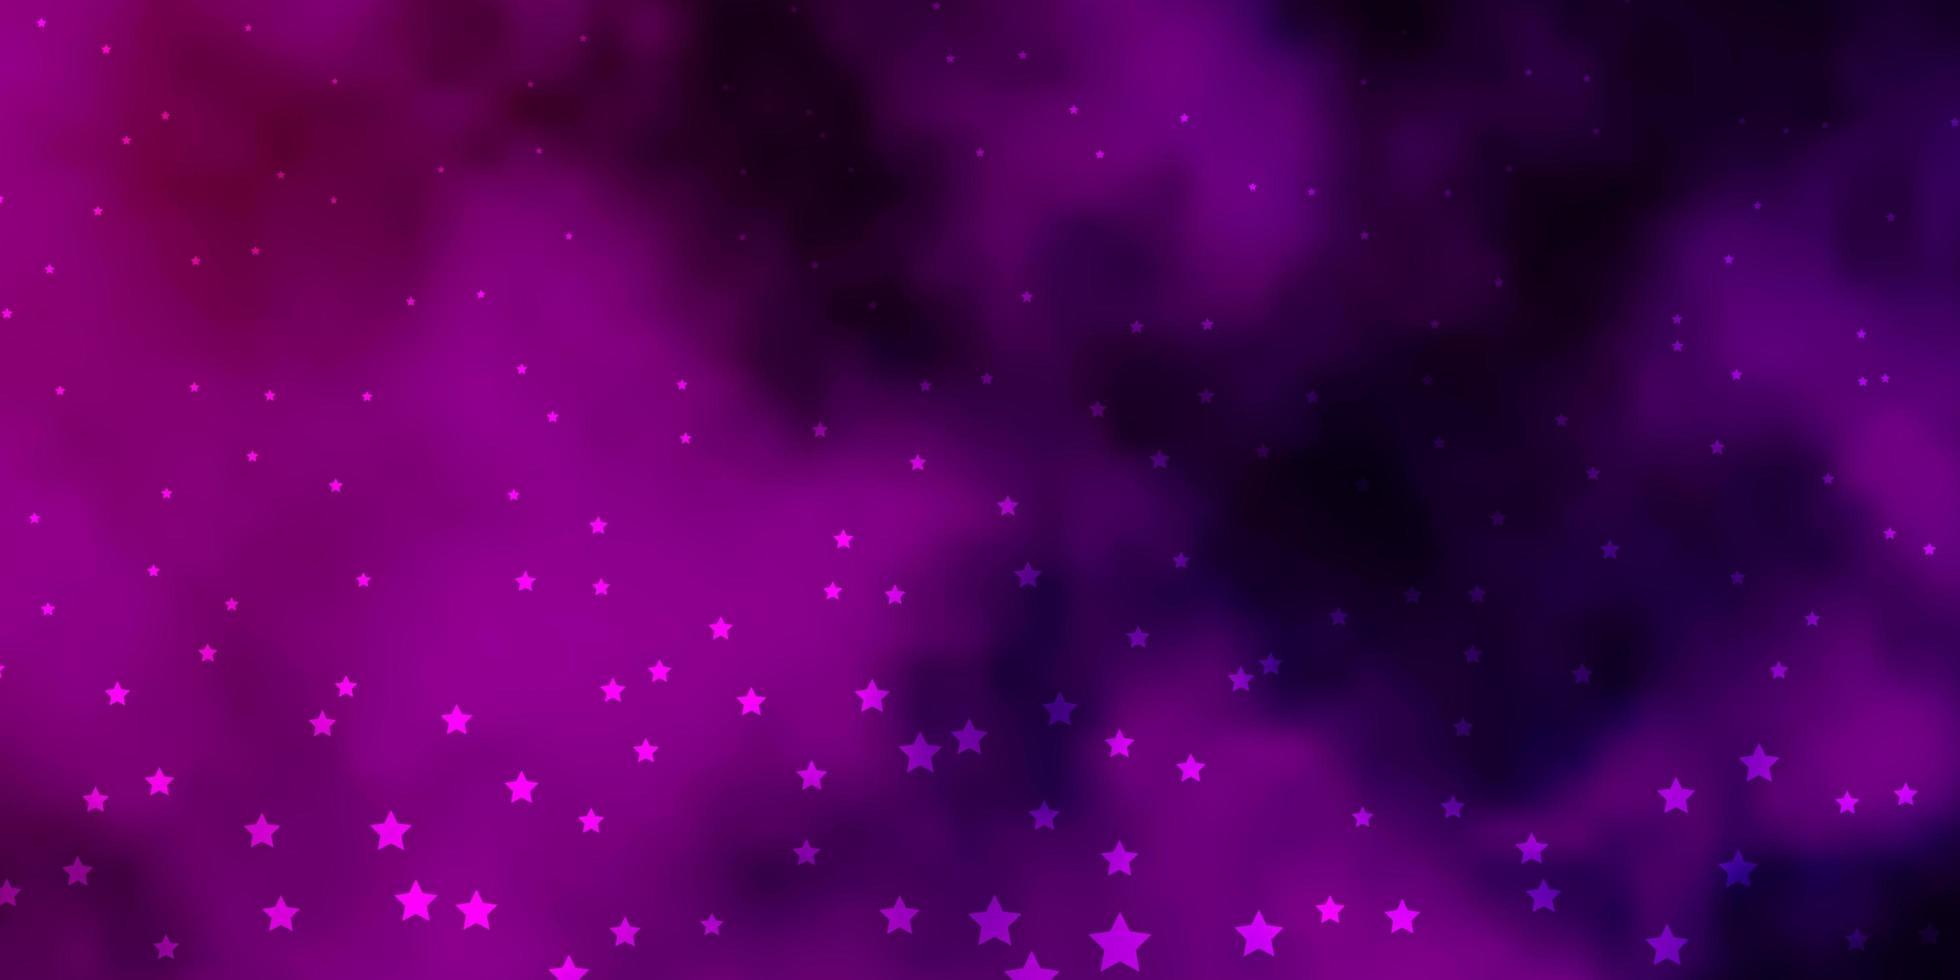 disposition de vecteur violet foncé, rose avec des étoiles brillantes.